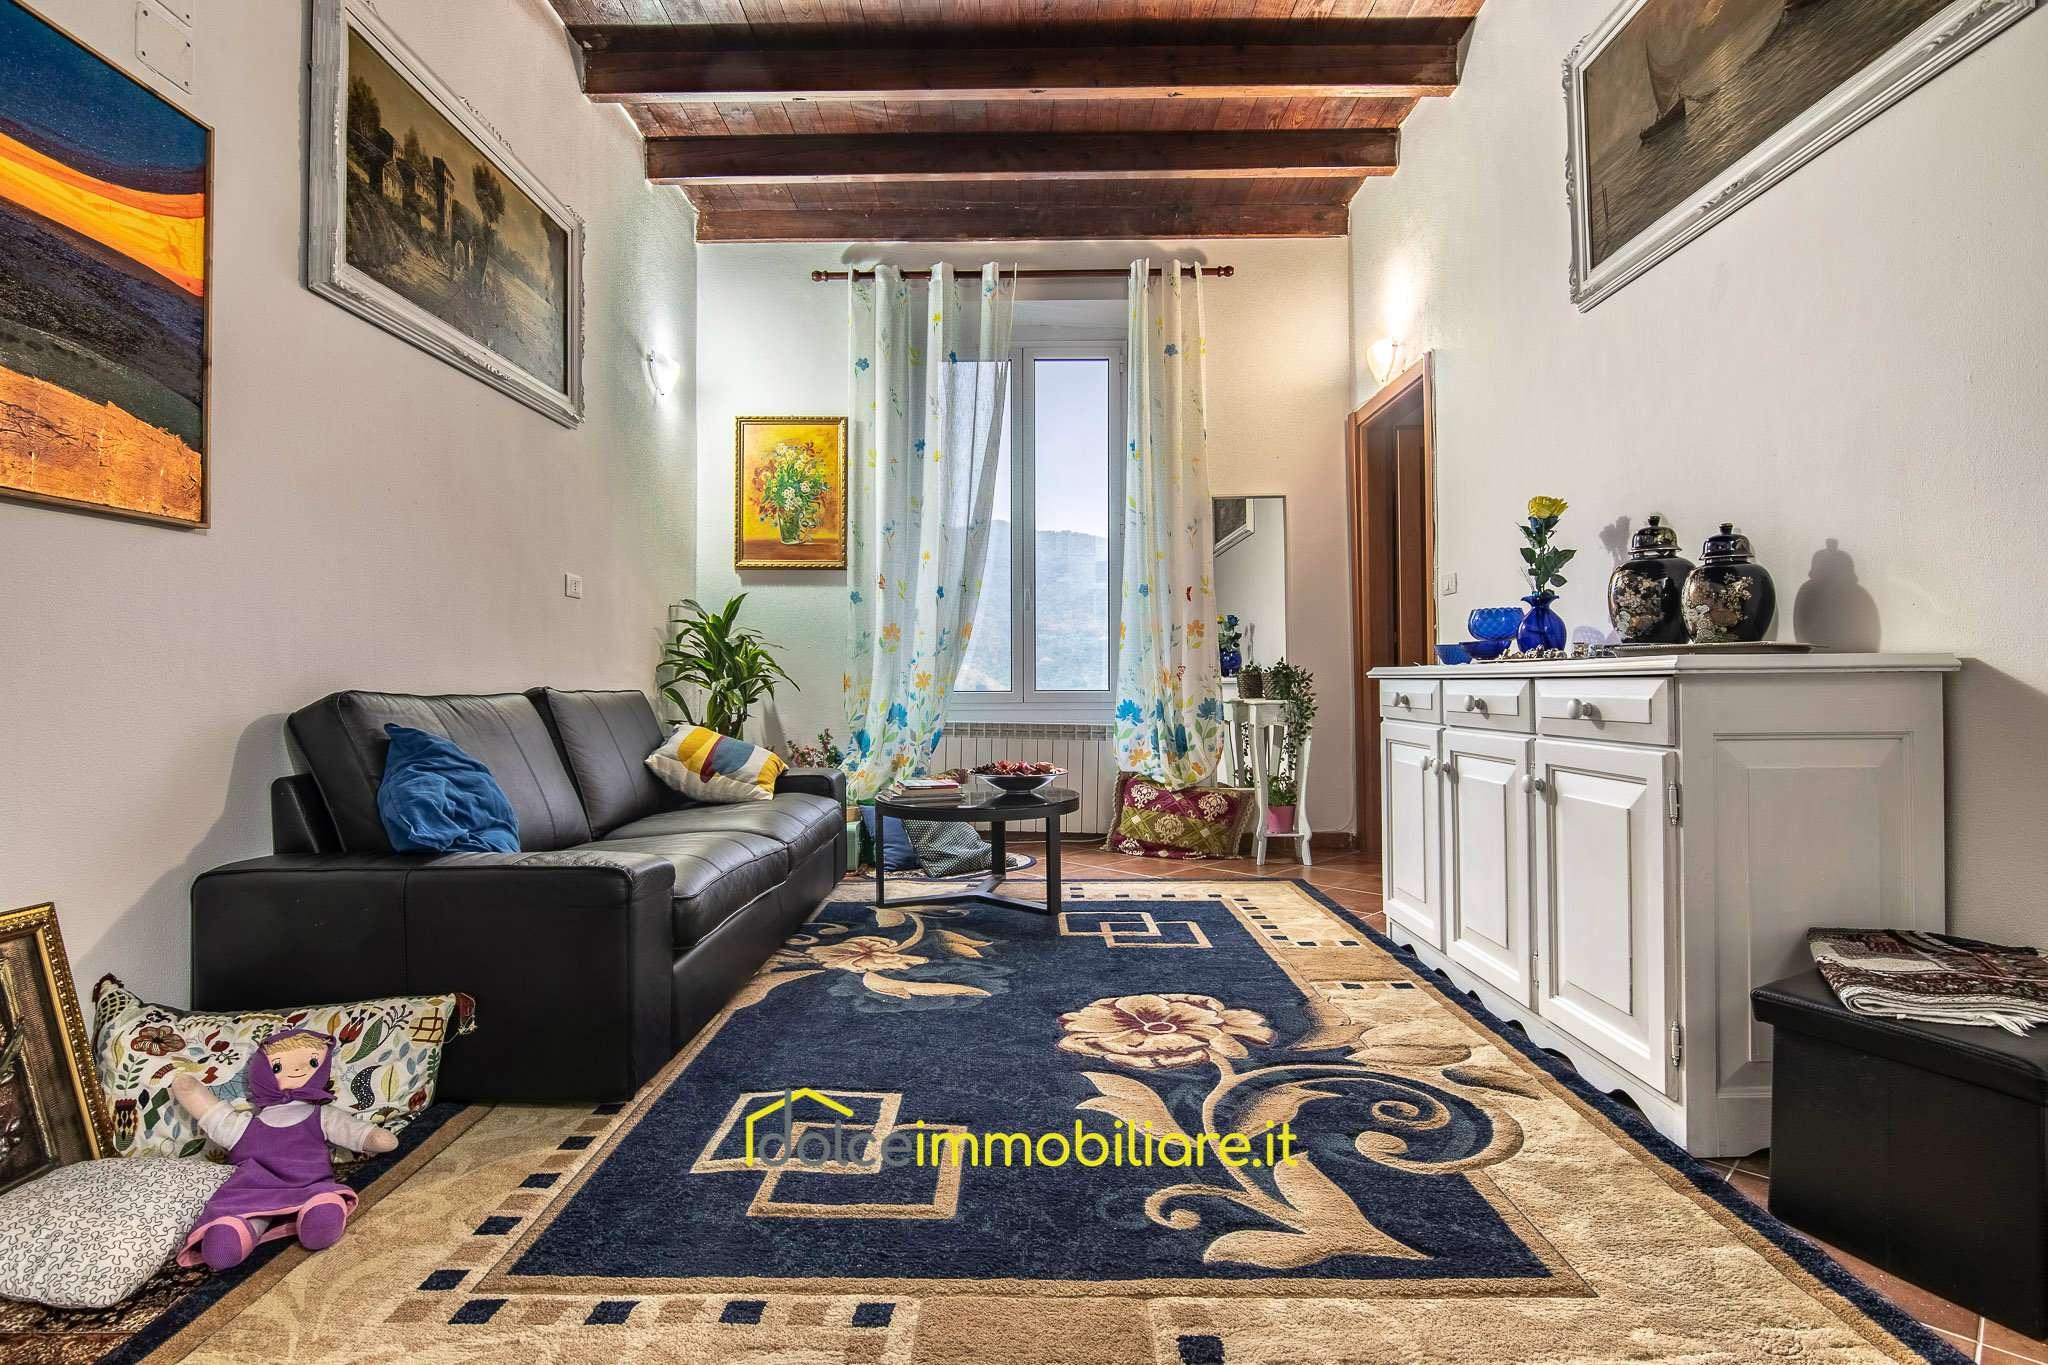 Appartamento in vendita a Uscio, 4 locali, prezzo € 120.000 | CambioCasa.it